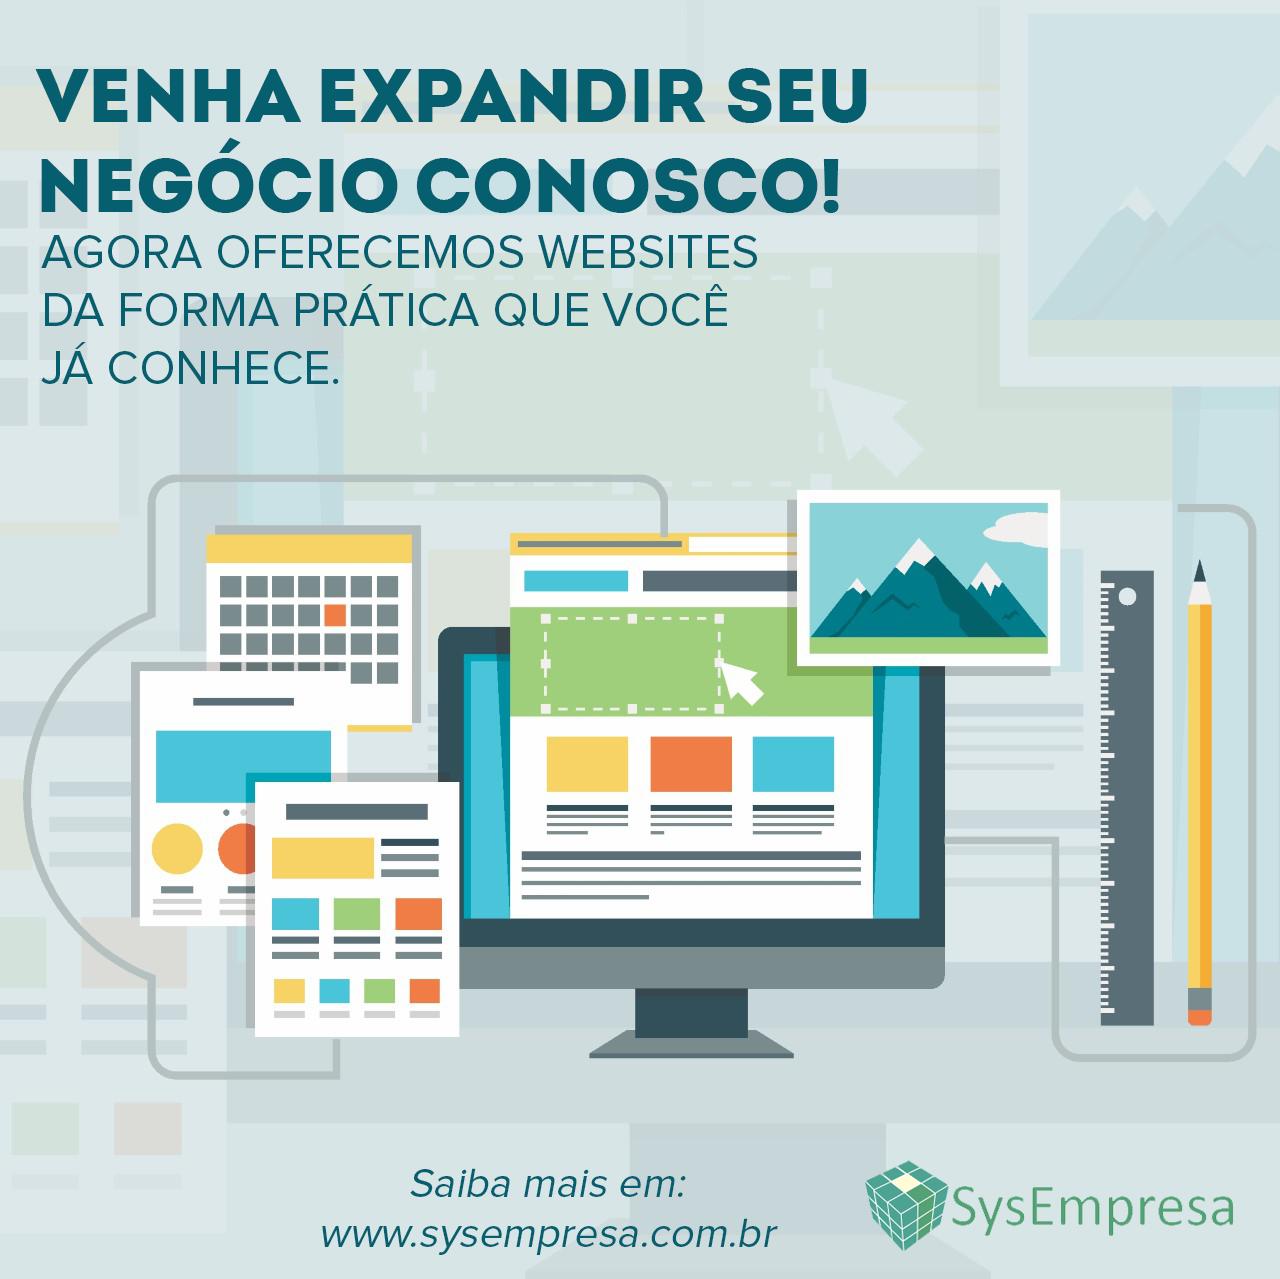 Conheça nosso novo serviço - Websites